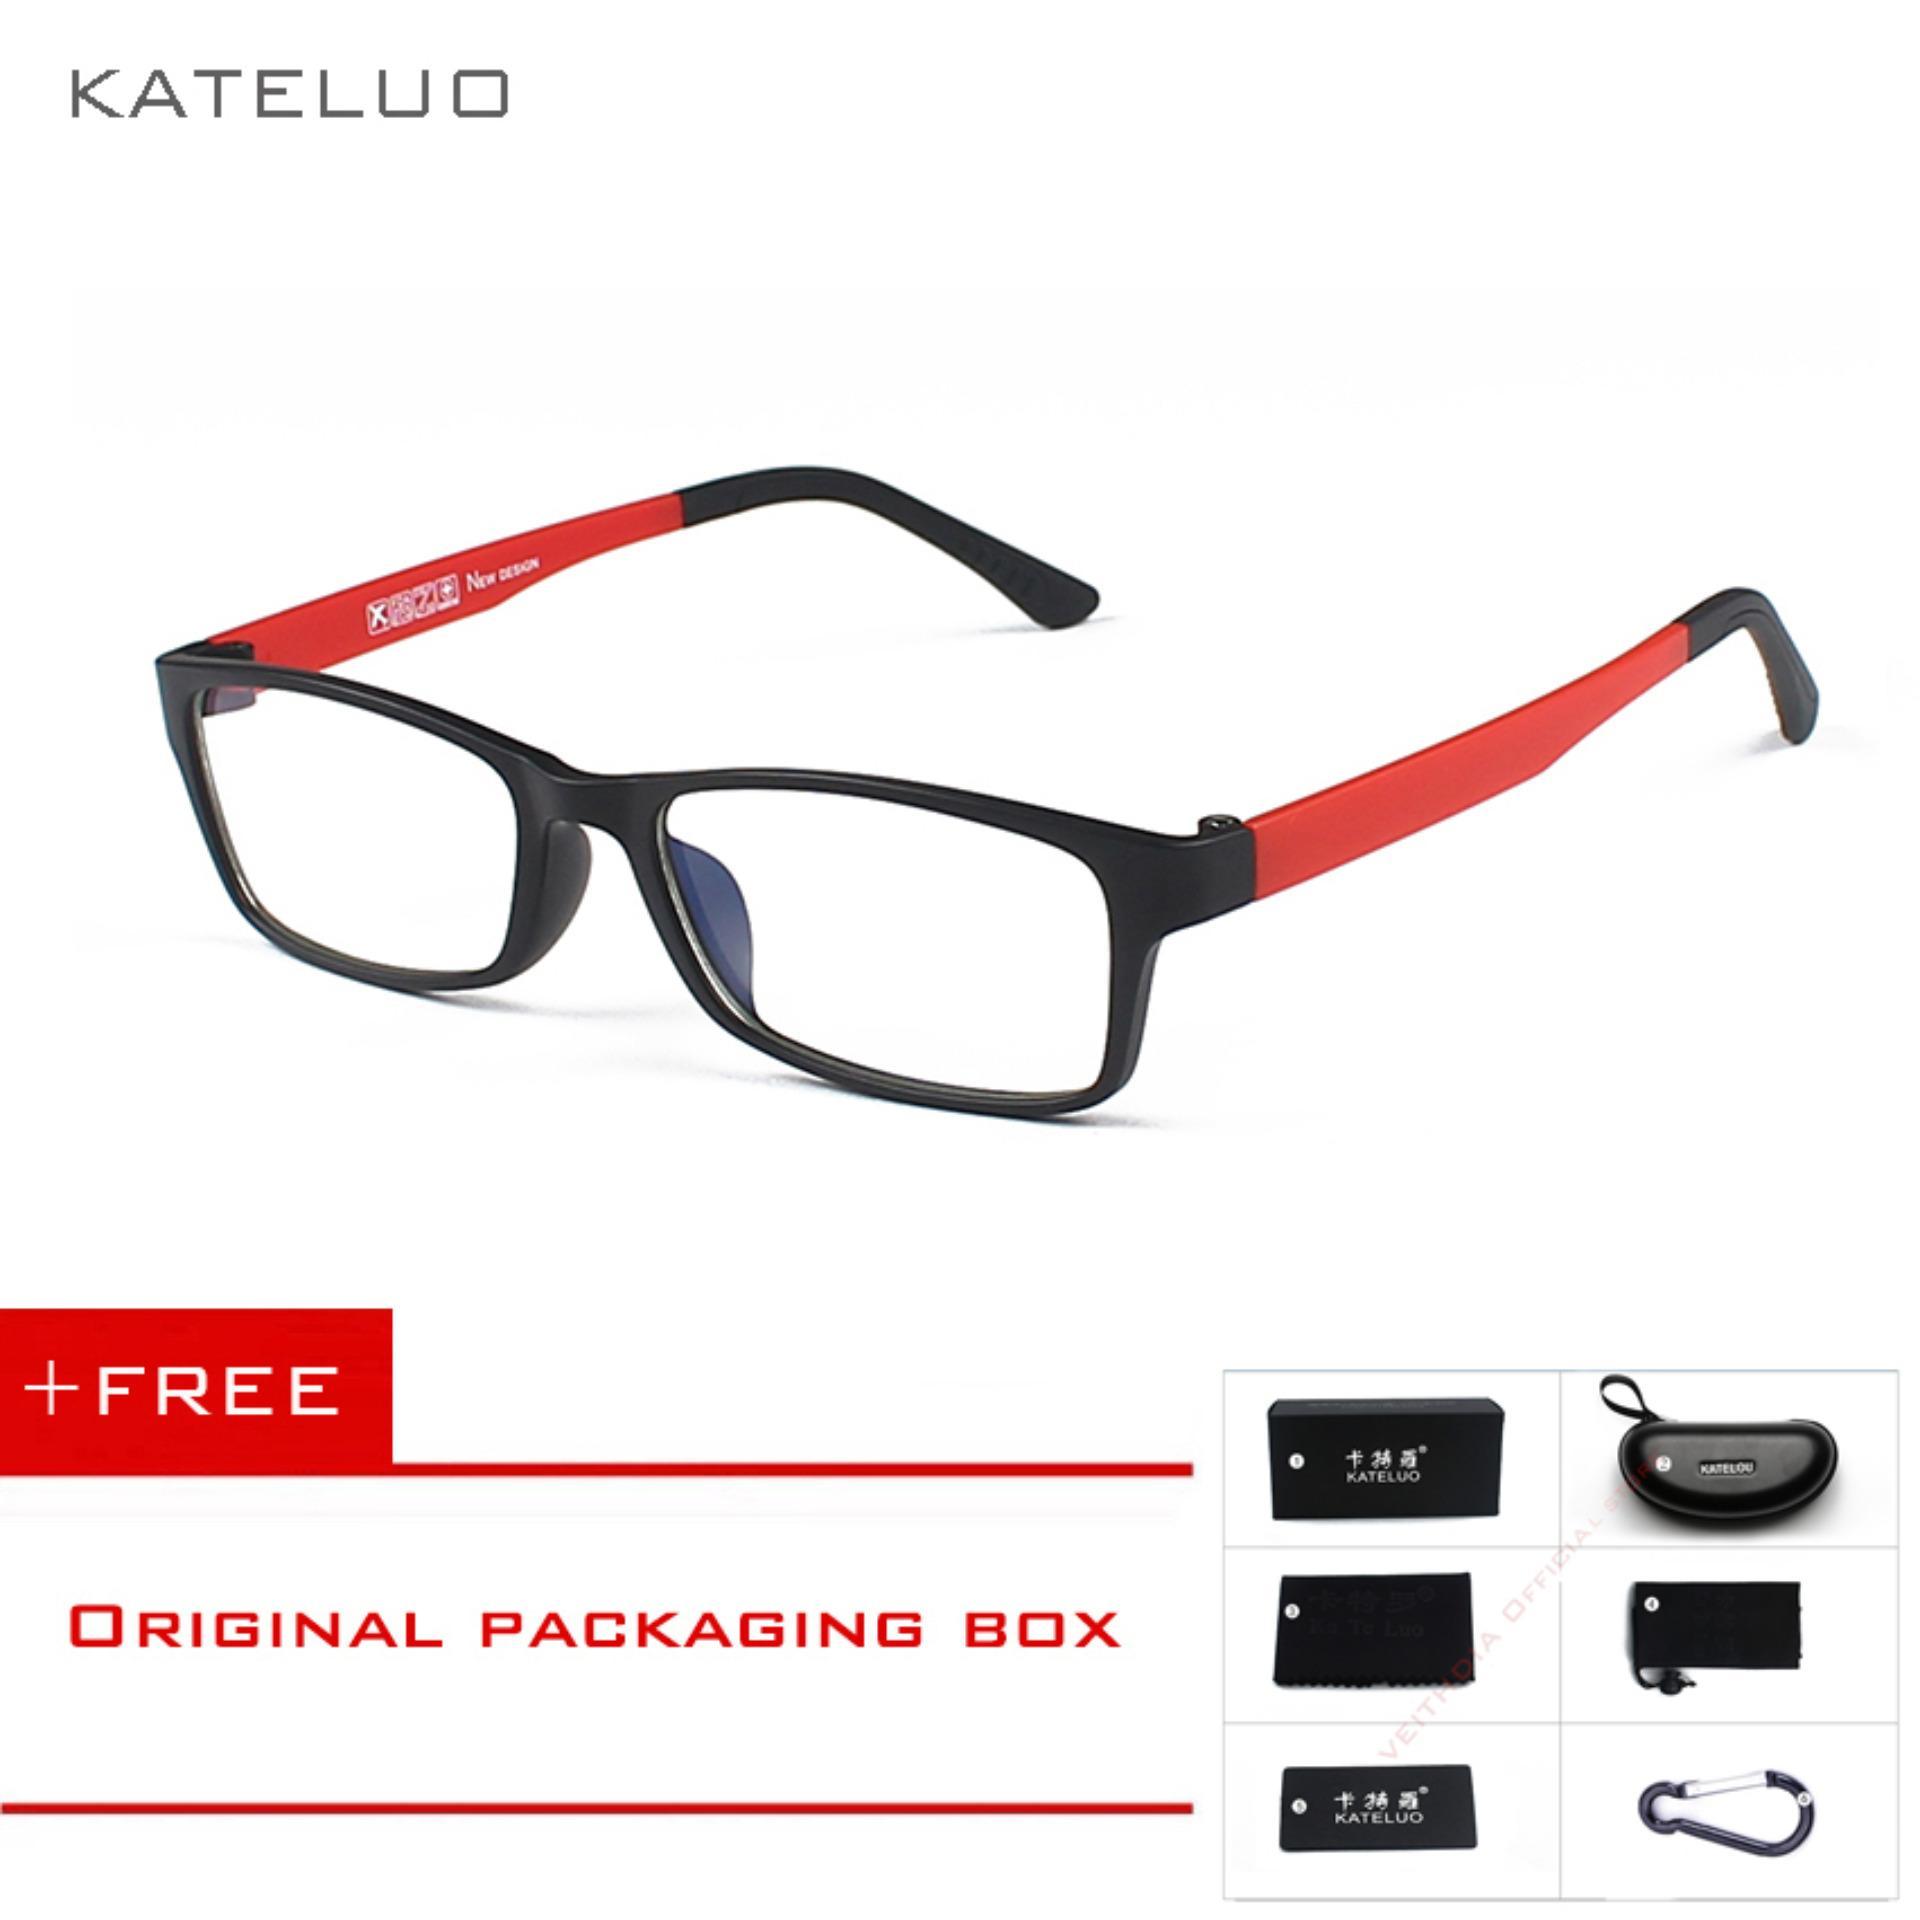 KATELUO Kacamata Radiasi Kacamat Komputer Anti Lelah Untuk Pria Wanita 1302 8a51d30f10